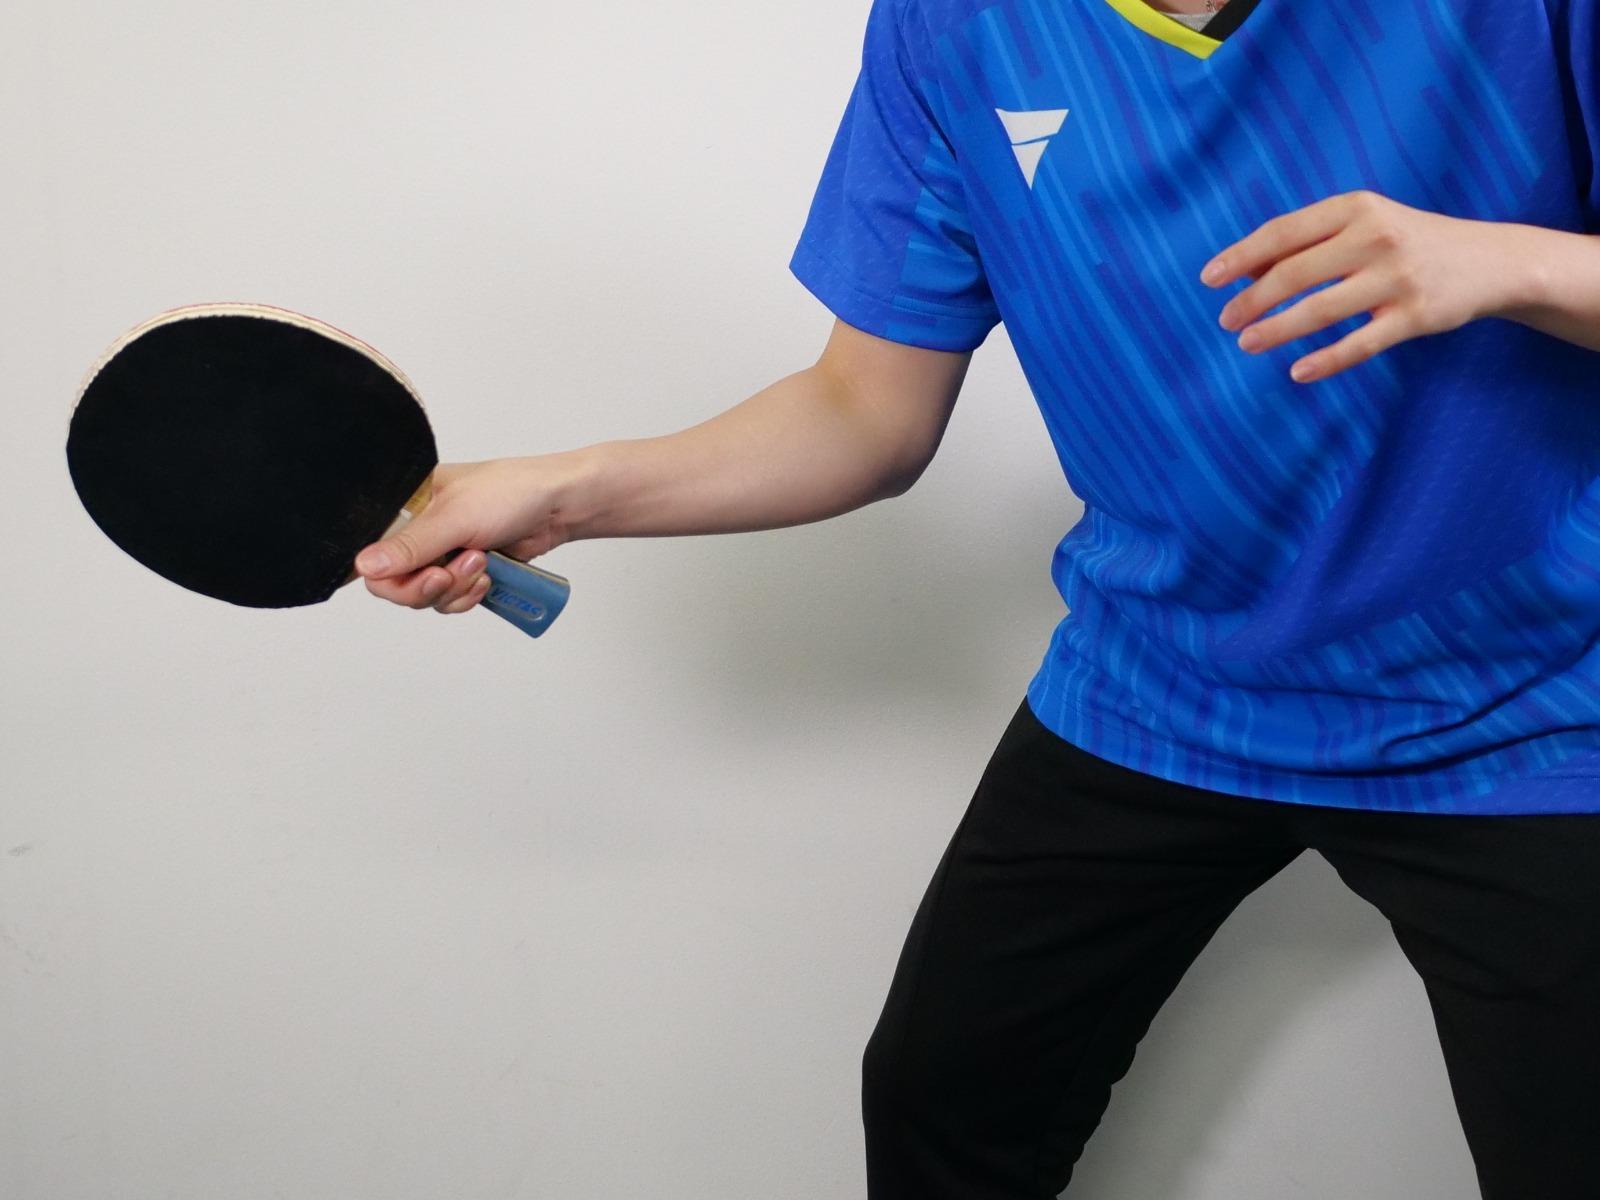 卓球 シェークハンド ラケット グリップ フォアハンドグリップ